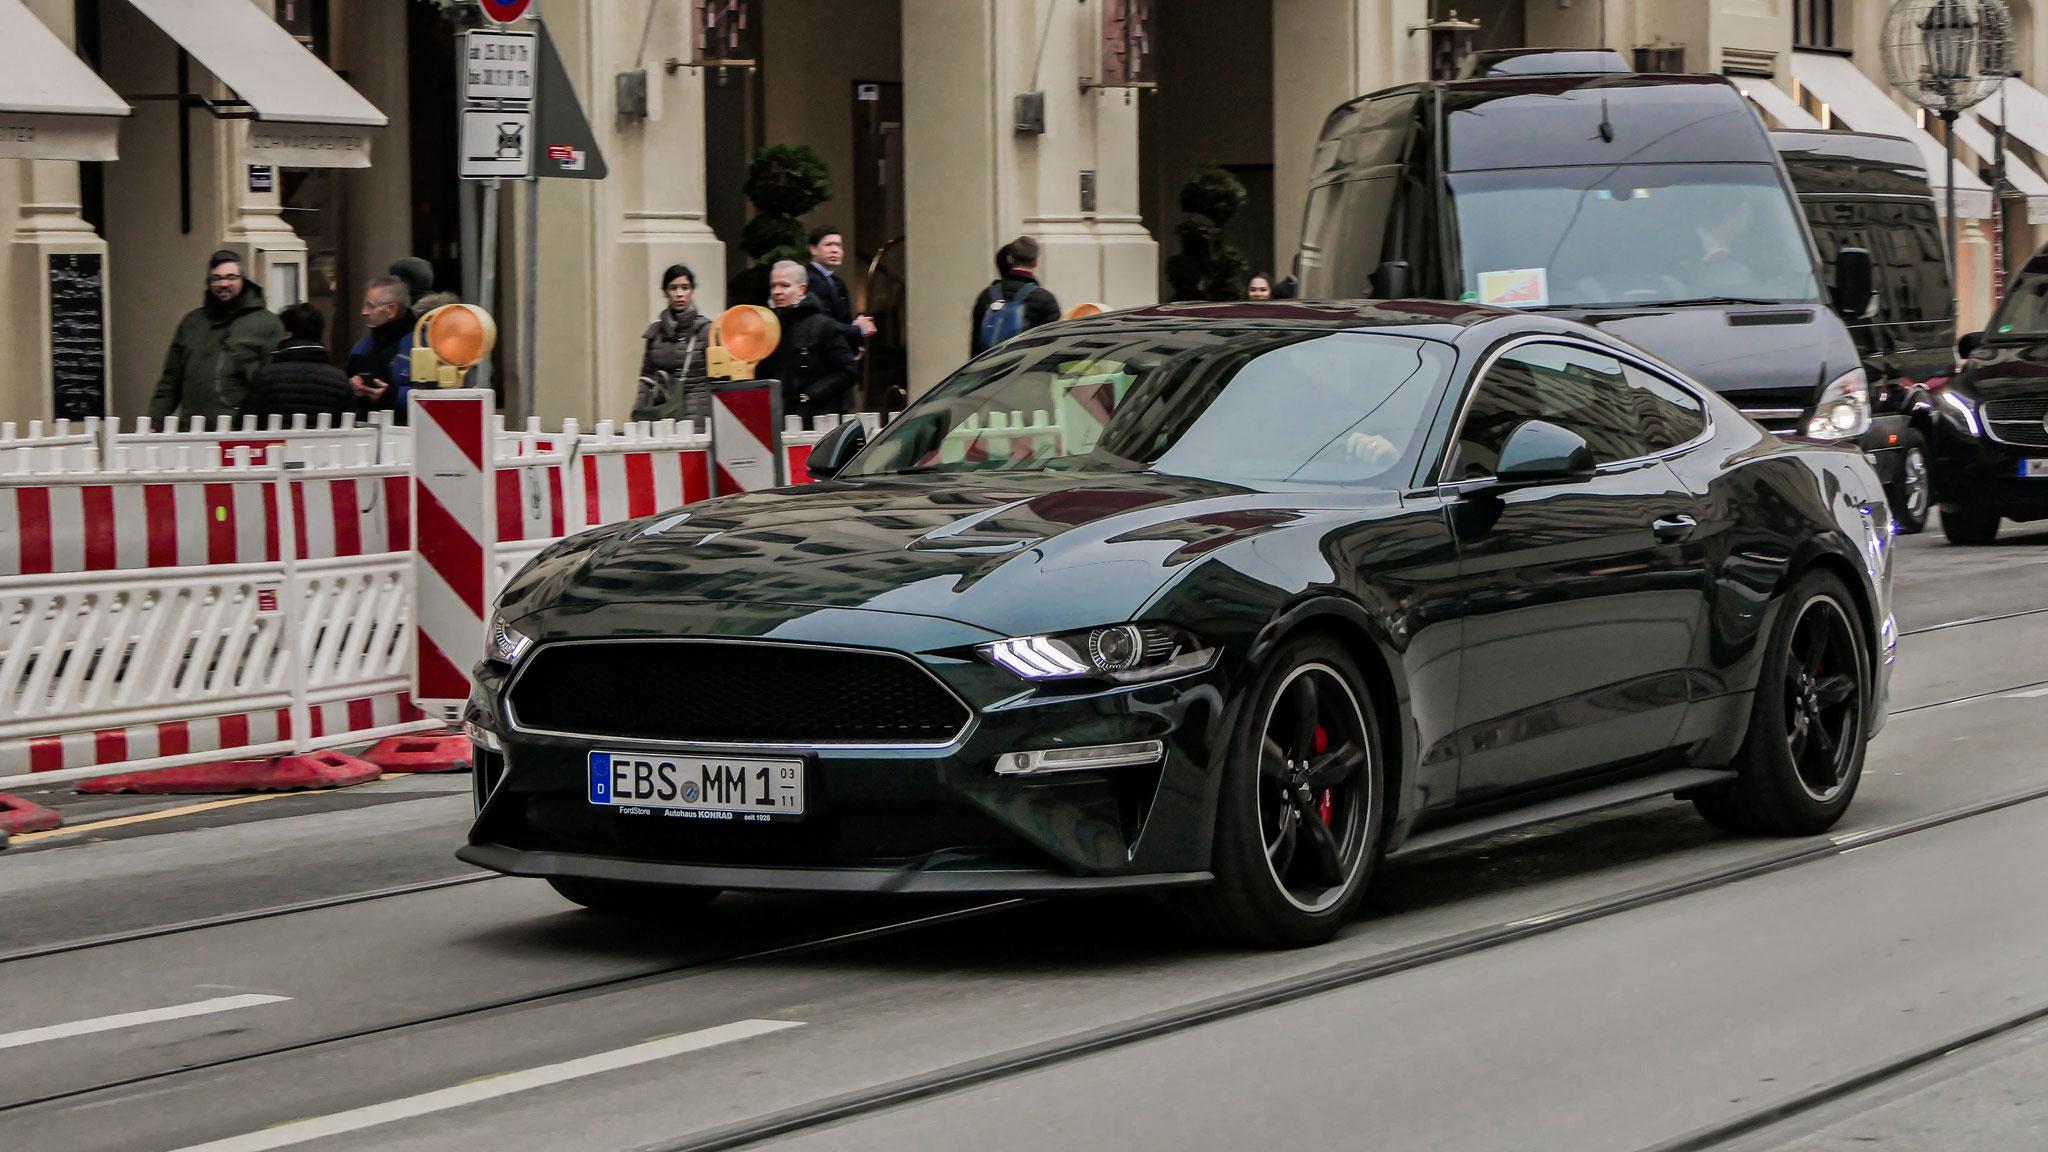 Ford Mustang Bullitt - EBS-MM-1